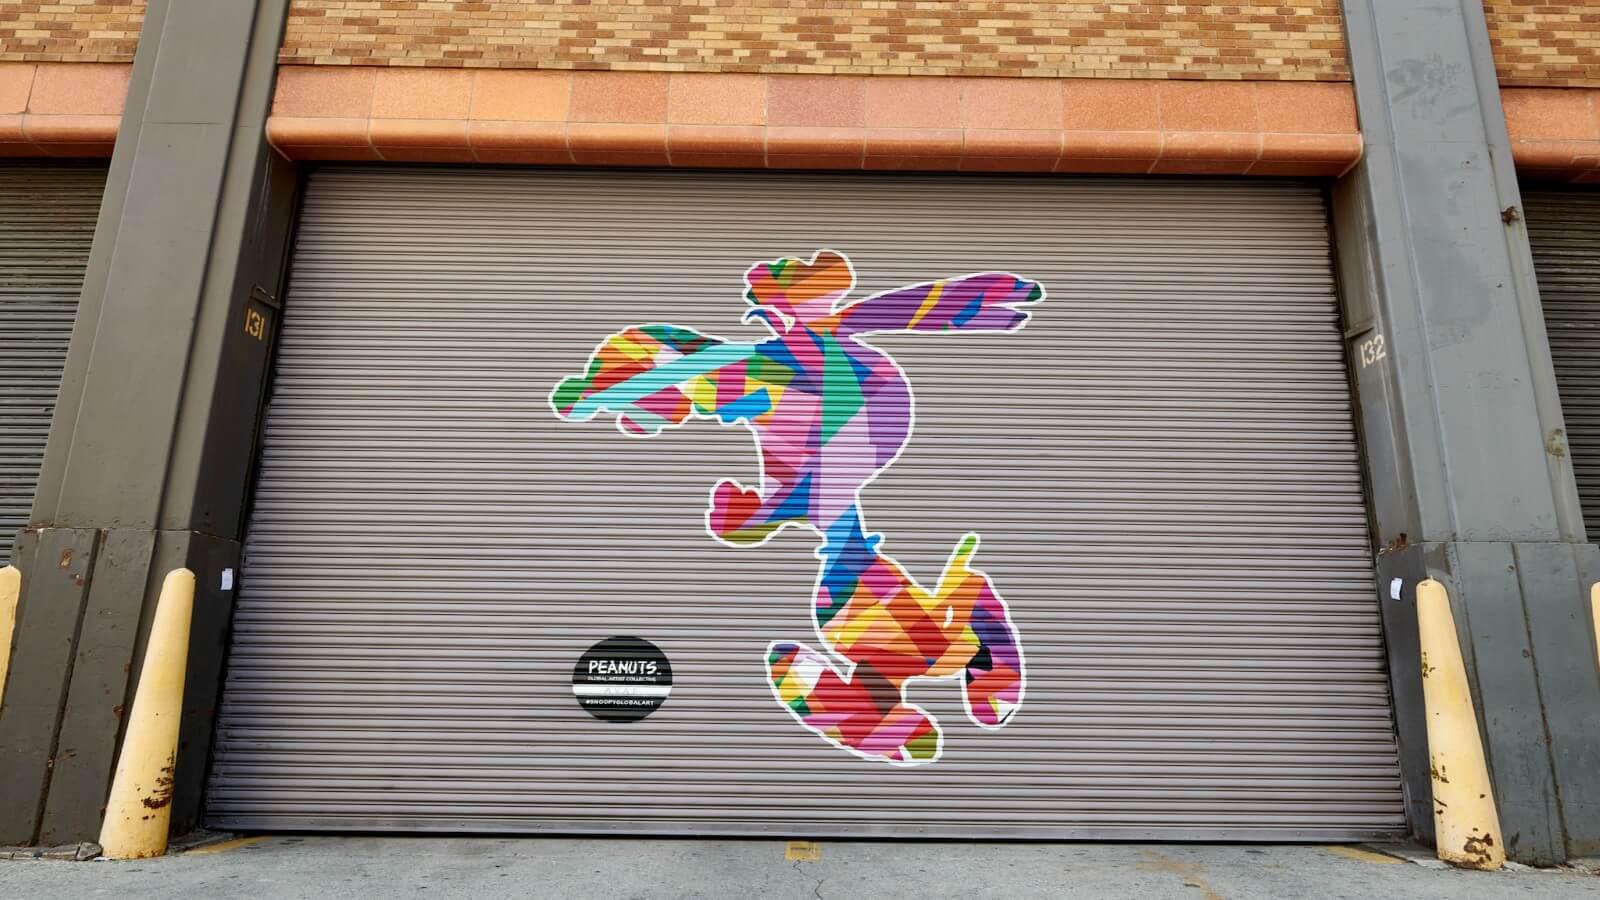 Peanuts llevado a las calles gracias al Arte Urbano